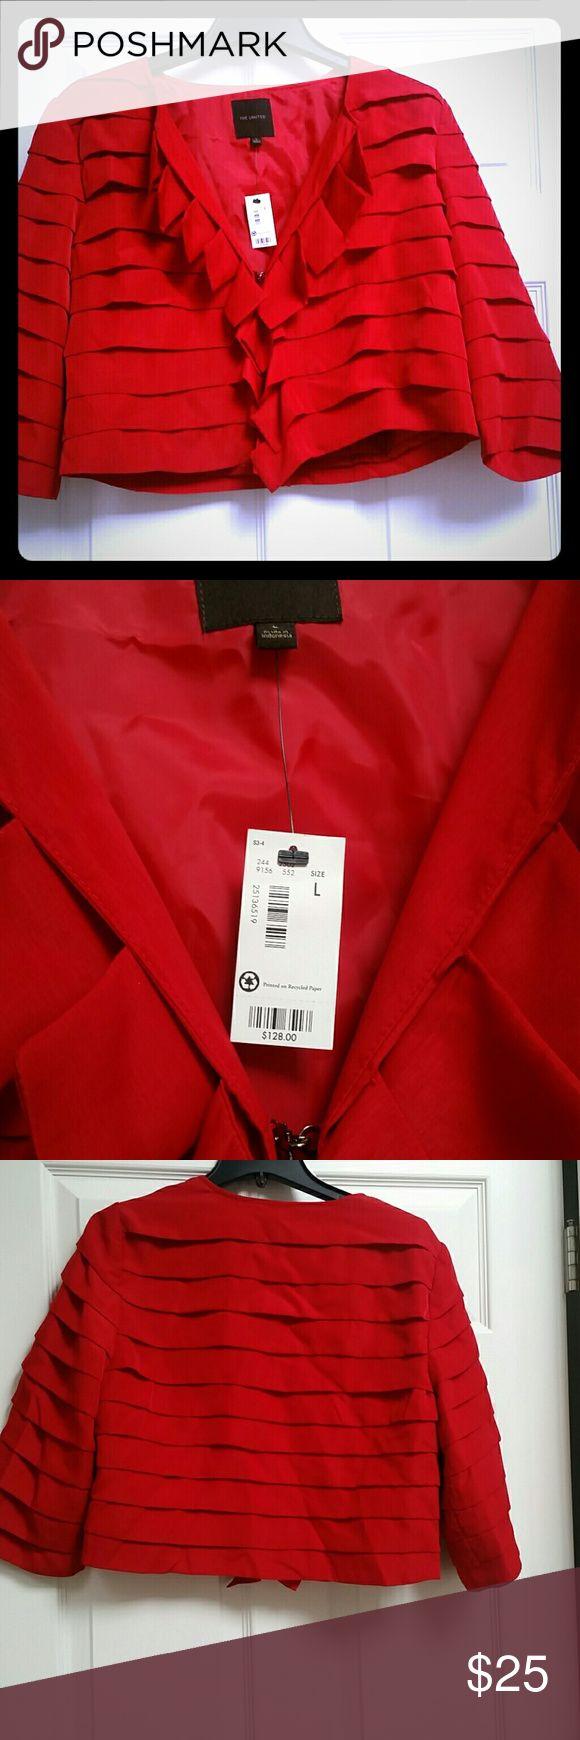 I just added this listing on Poshmark: Beautiful red bolero style jacket. #shopmycloset #poshmark #fashion #shopping #style #forsale #The Limited #Jackets & Blazers